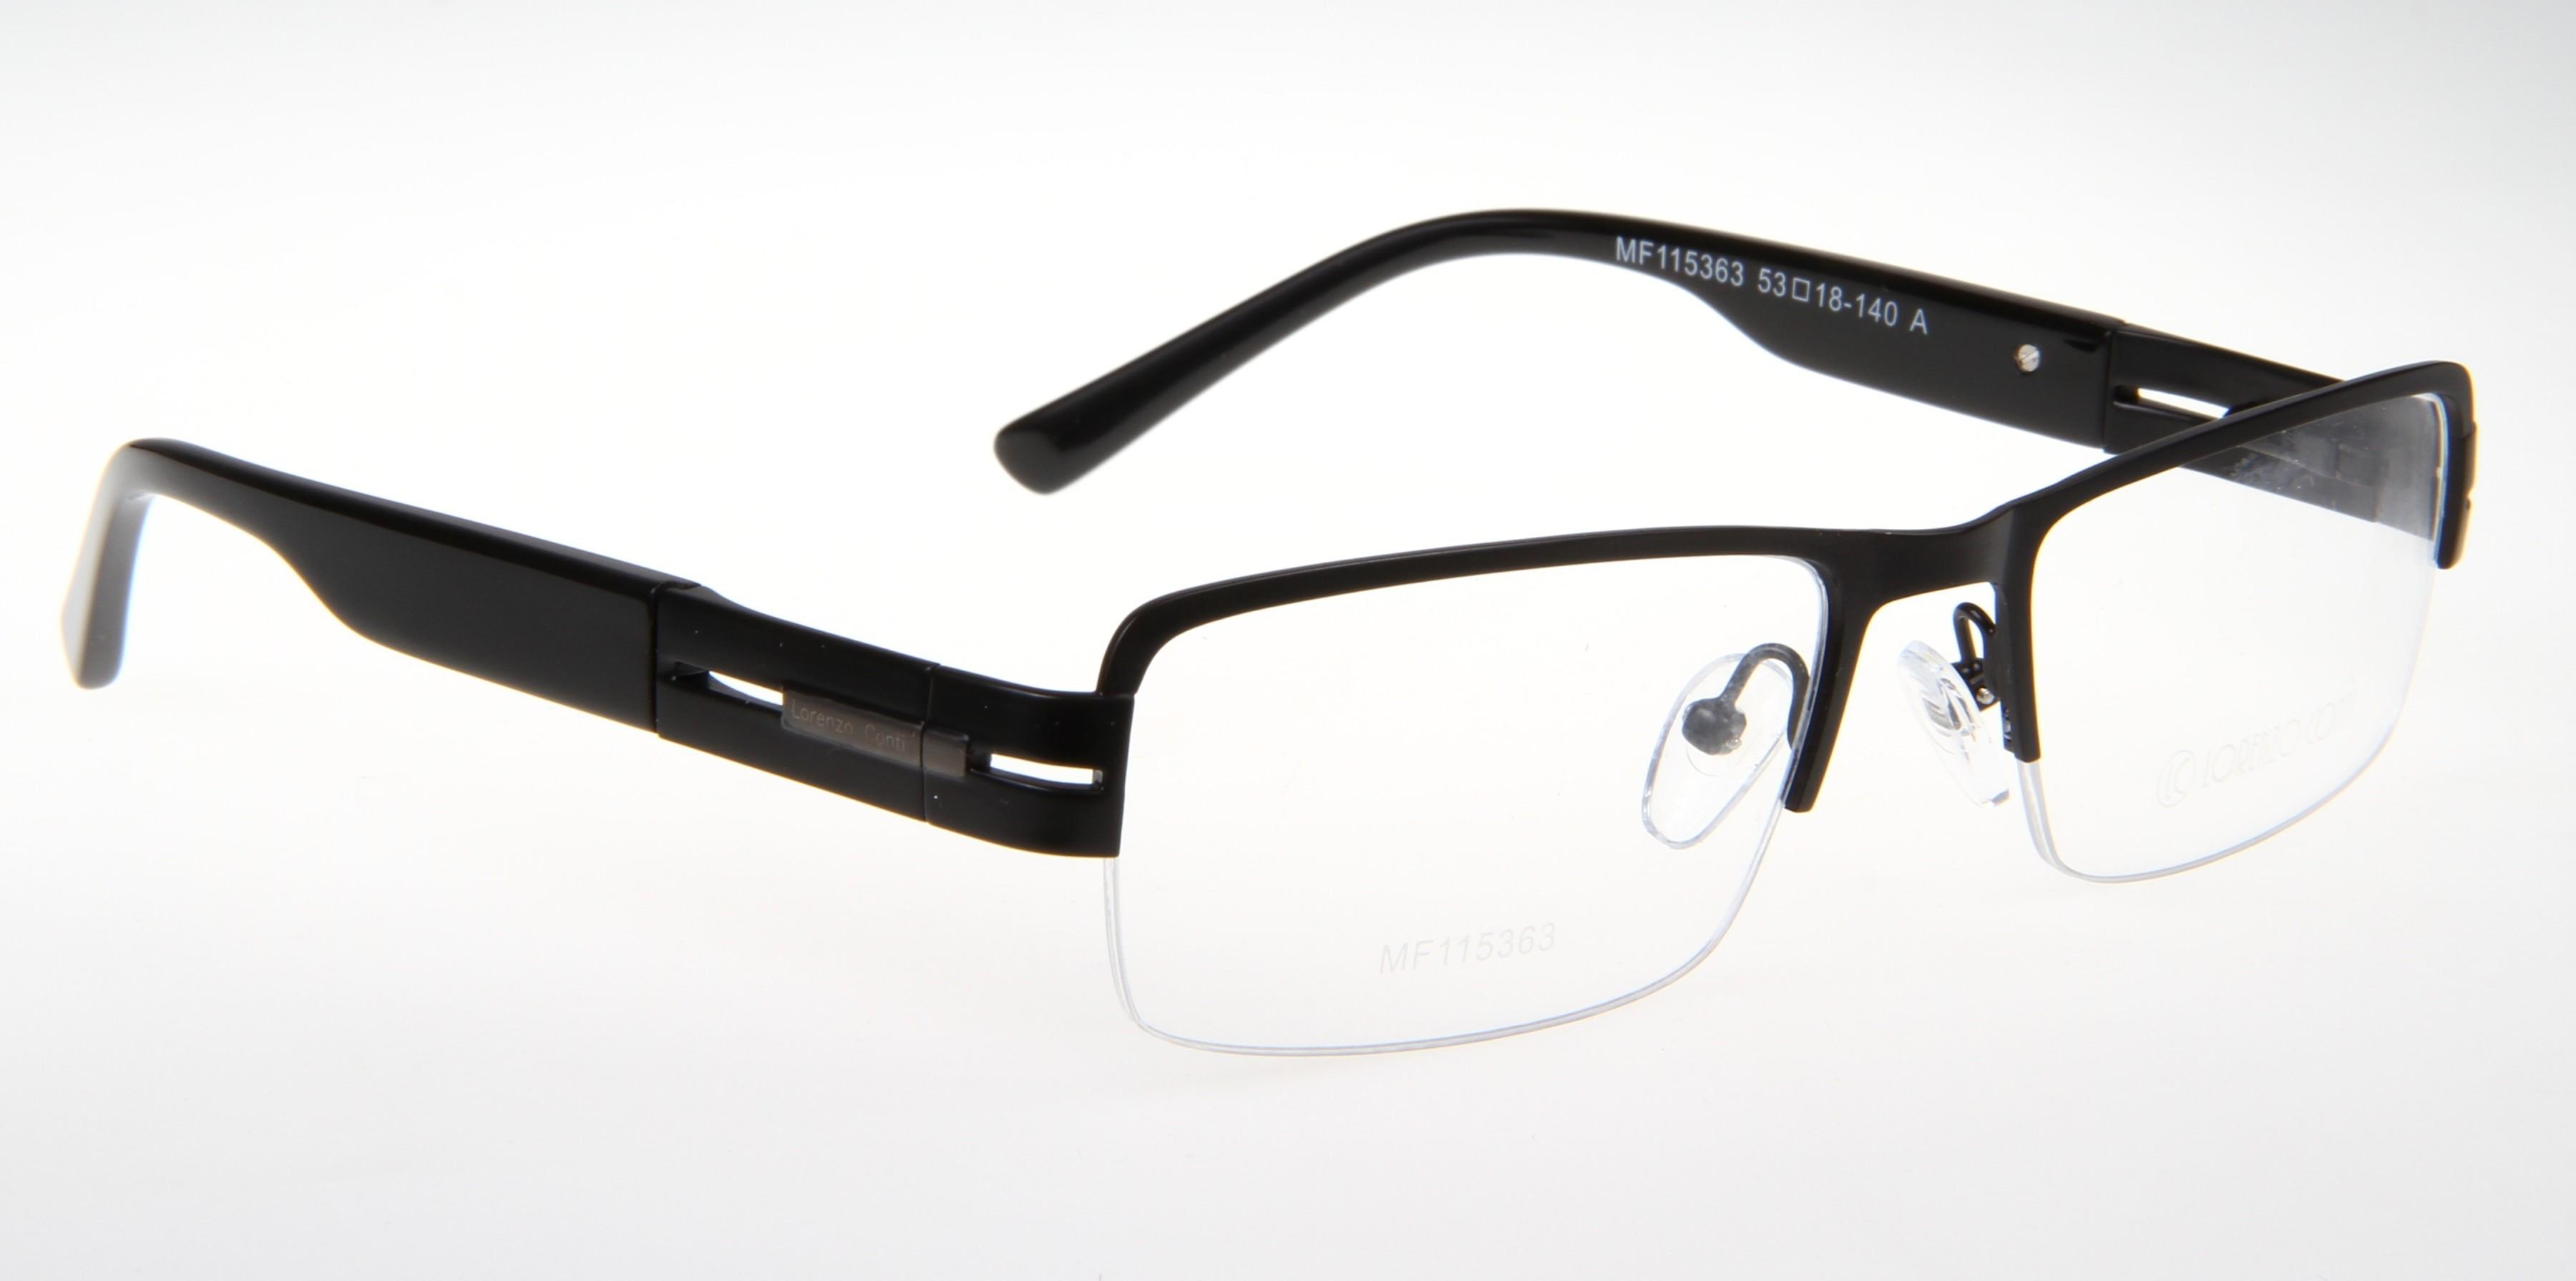 Oprawki okularowe Lorenzo MF115363 col. A czarny